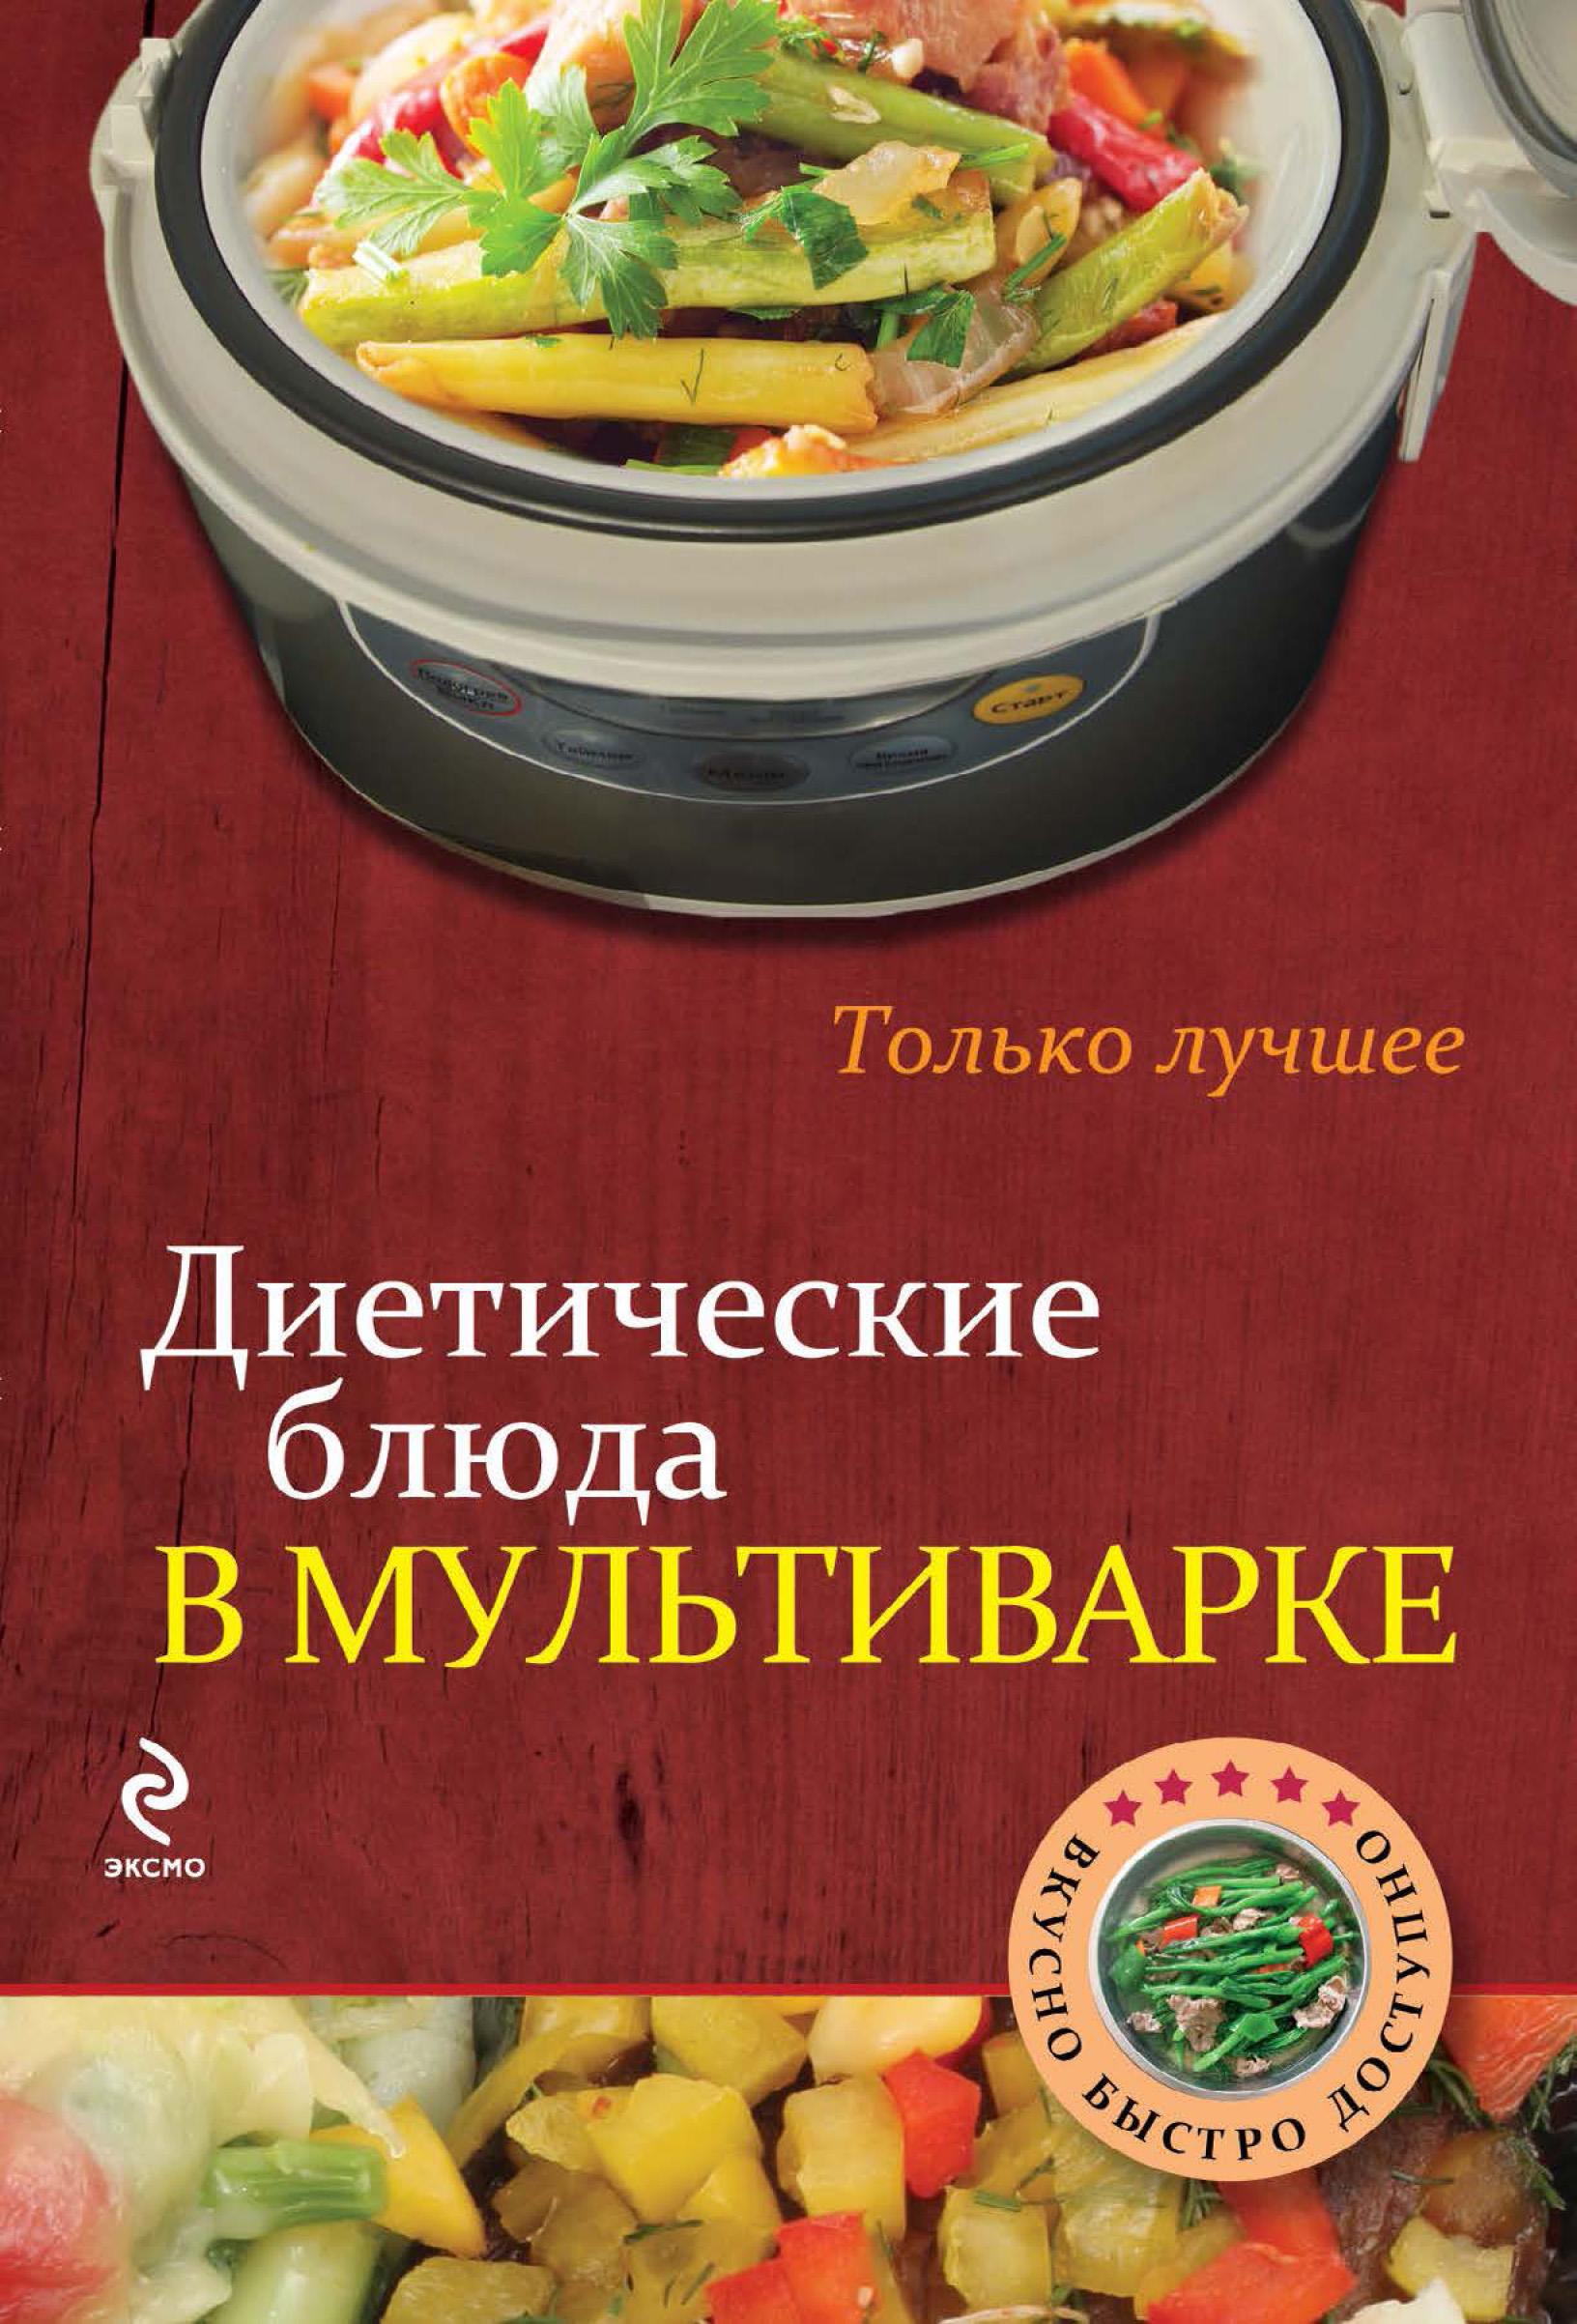 И. Бородина Диетические блюда в мультиварке как приготовить пасхальные блюда вкусно и экономно